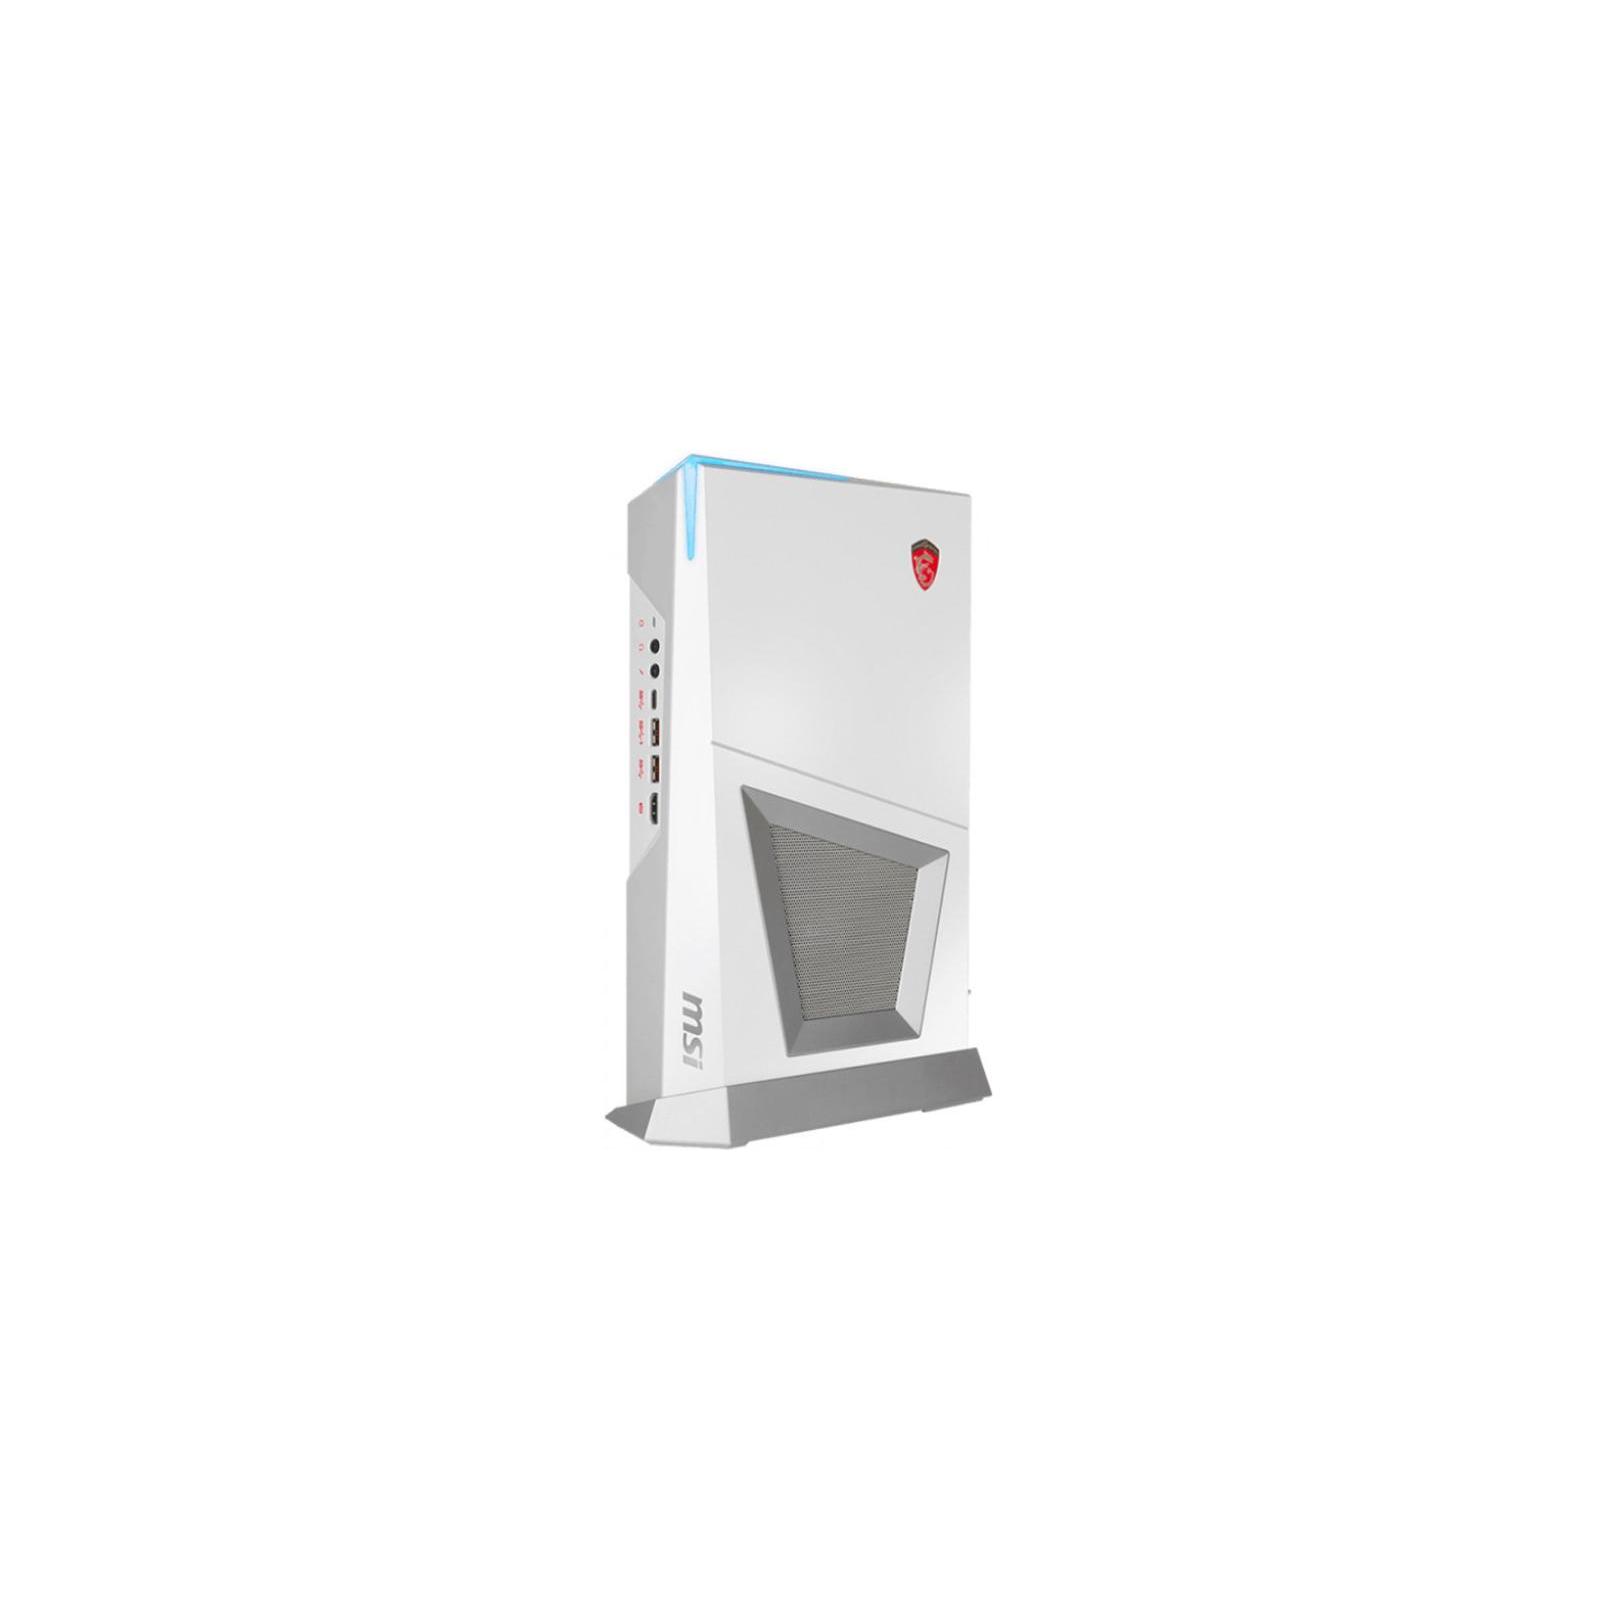 Компьютер MSI Trident 3 Arct (8RC-227EU) изображение 8